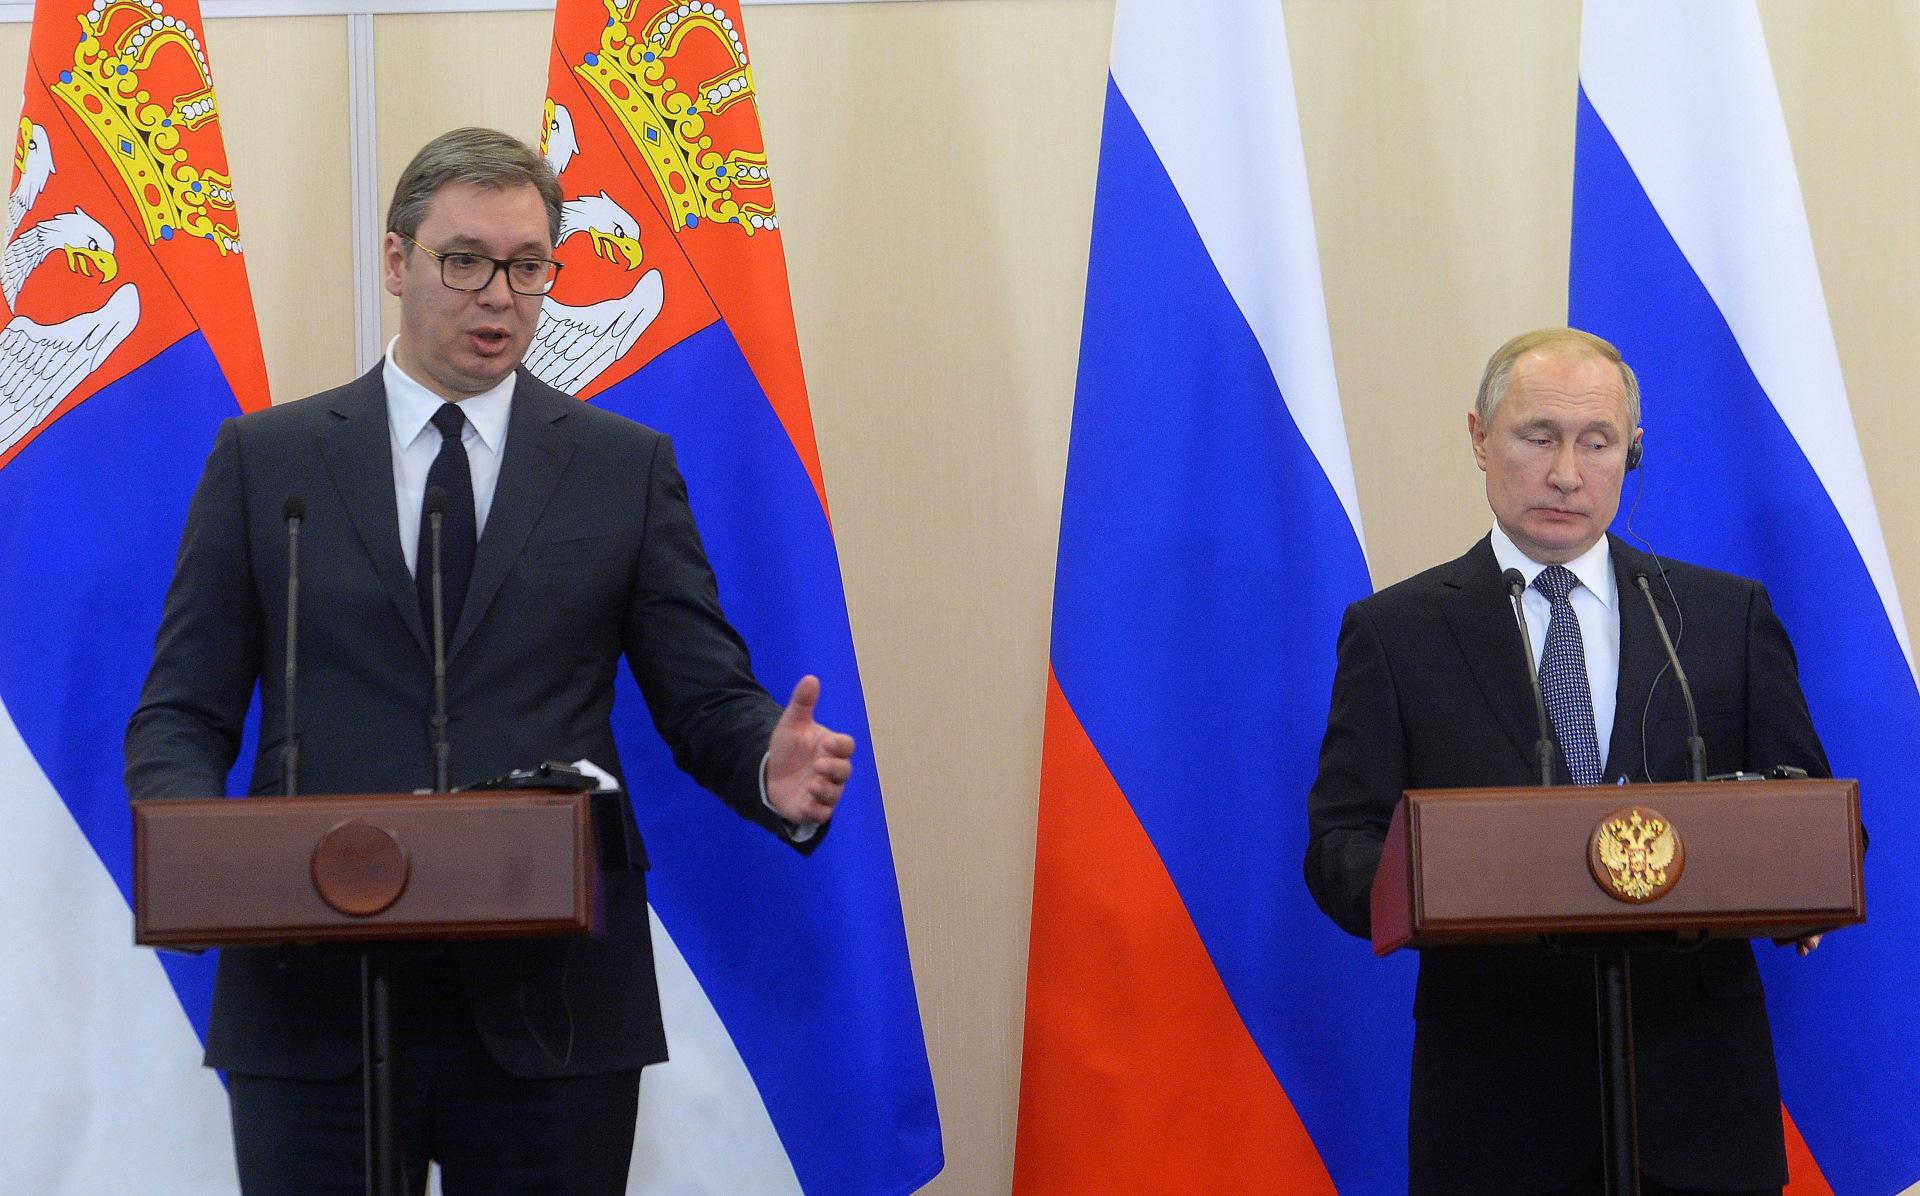 Vucic i Putin - zajednicka pres konferencija u Sociju 04.12.2019. godine